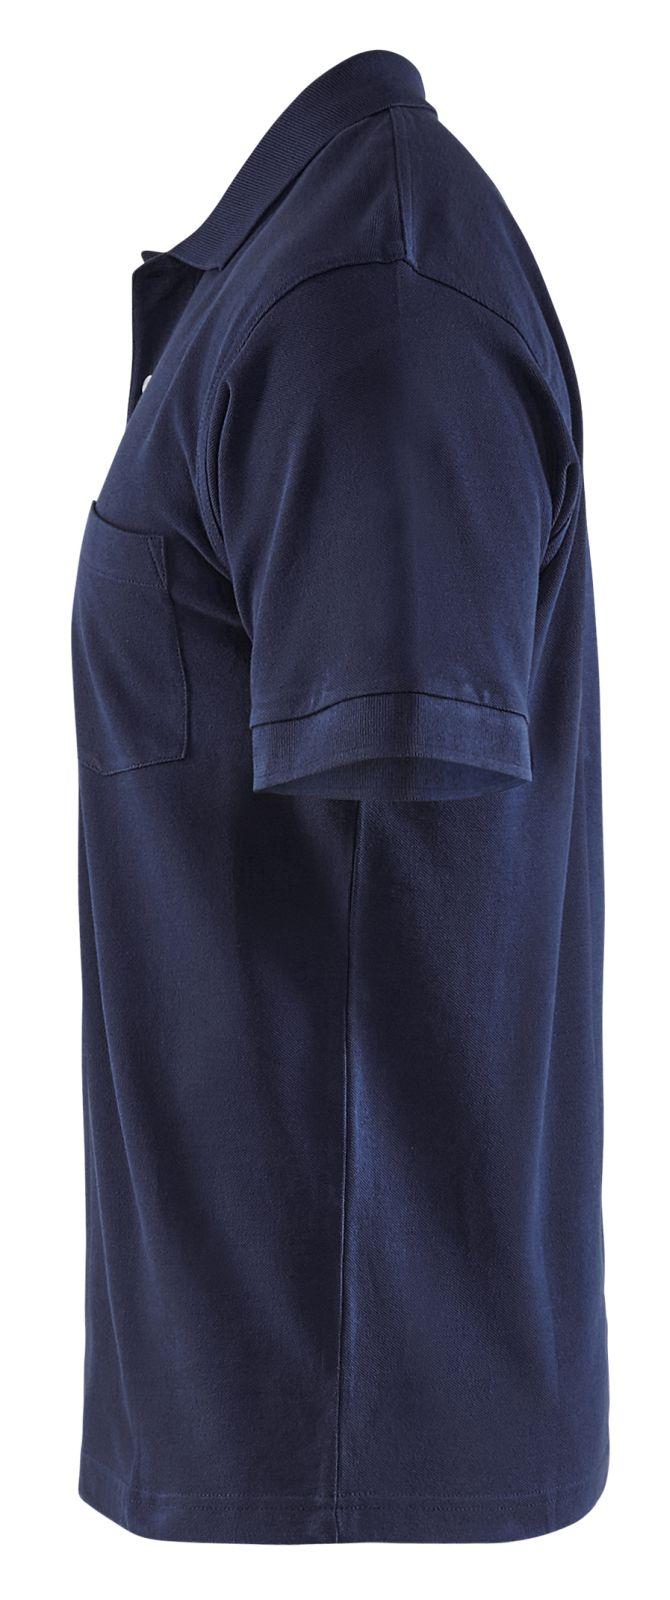 Blaklader Poloshirts 33051035 marineblauw(8800)